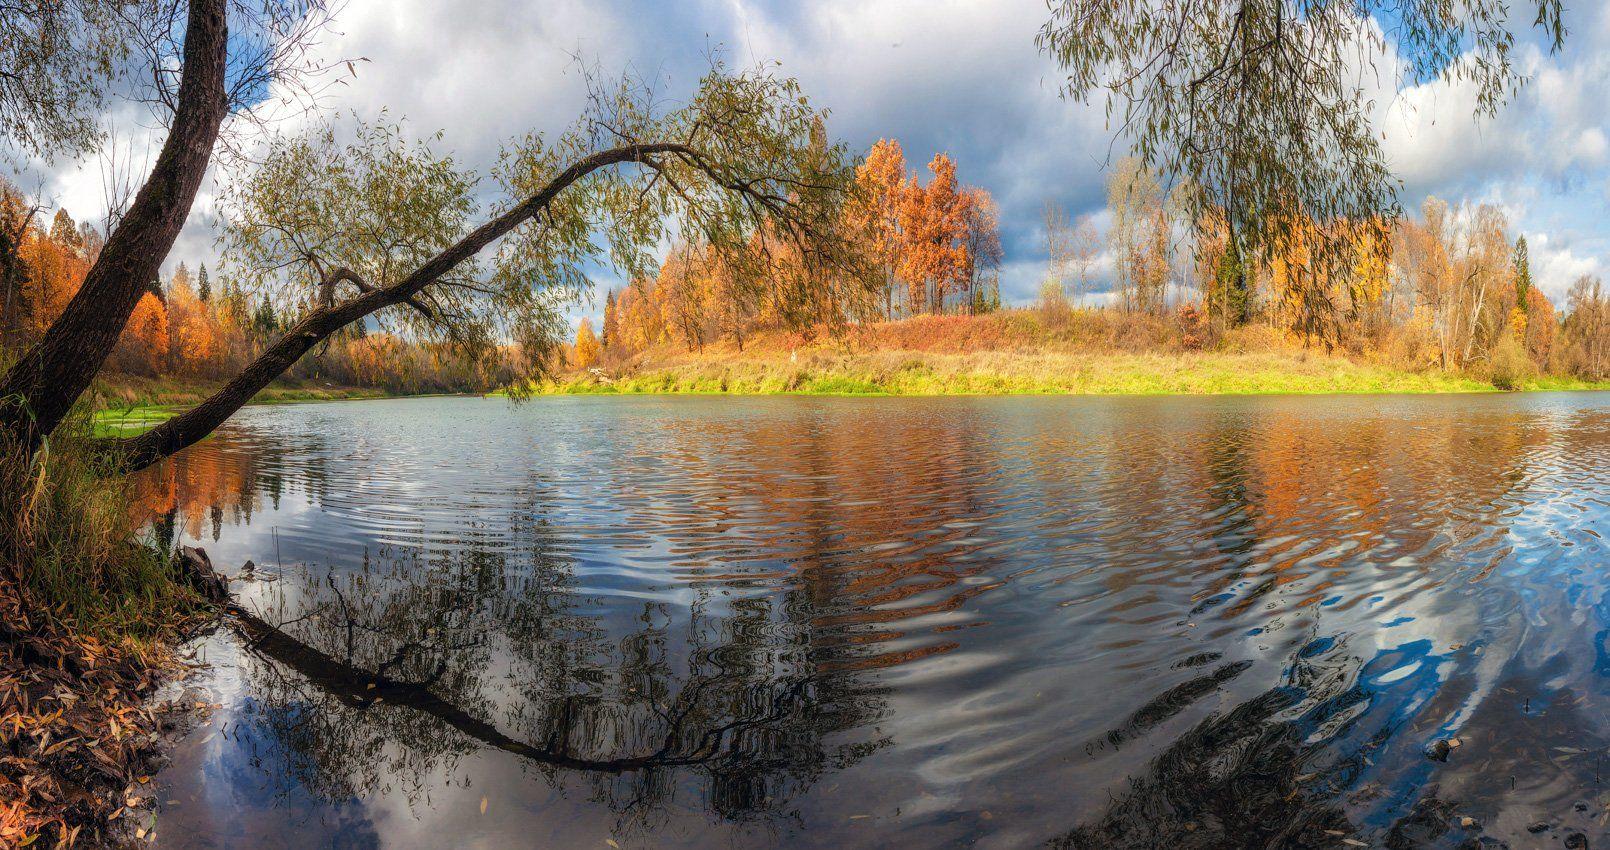 река, москва, осень, природа, подмосковье, Виктор Климкин